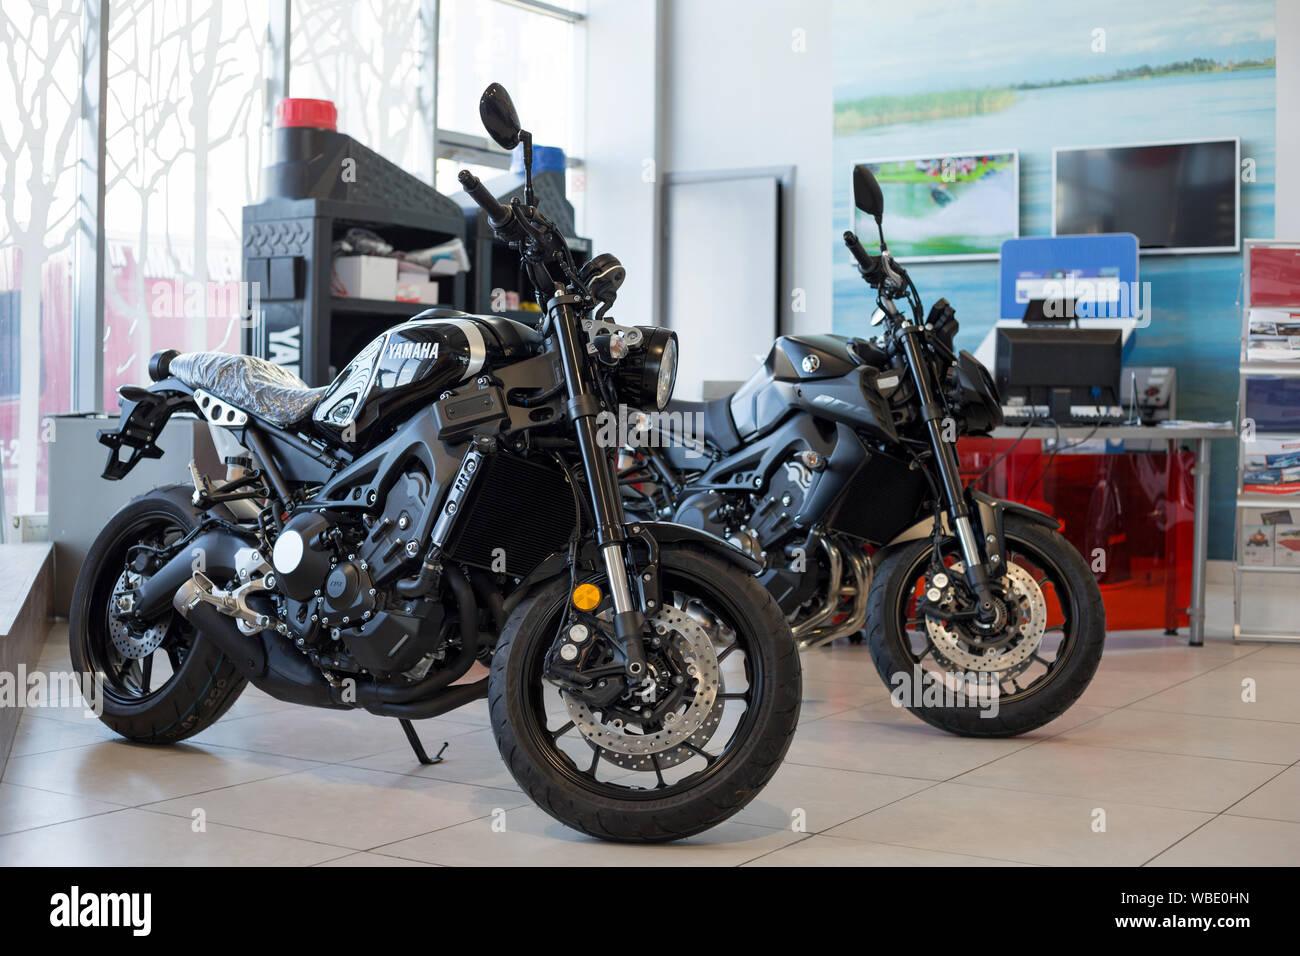 Russia, Izhevsk - Agosto 23, 2019: Yamaha Moto shop. Nuova moto e accessori in motocicletta store. Famoso marchio mondiale. Foto Stock